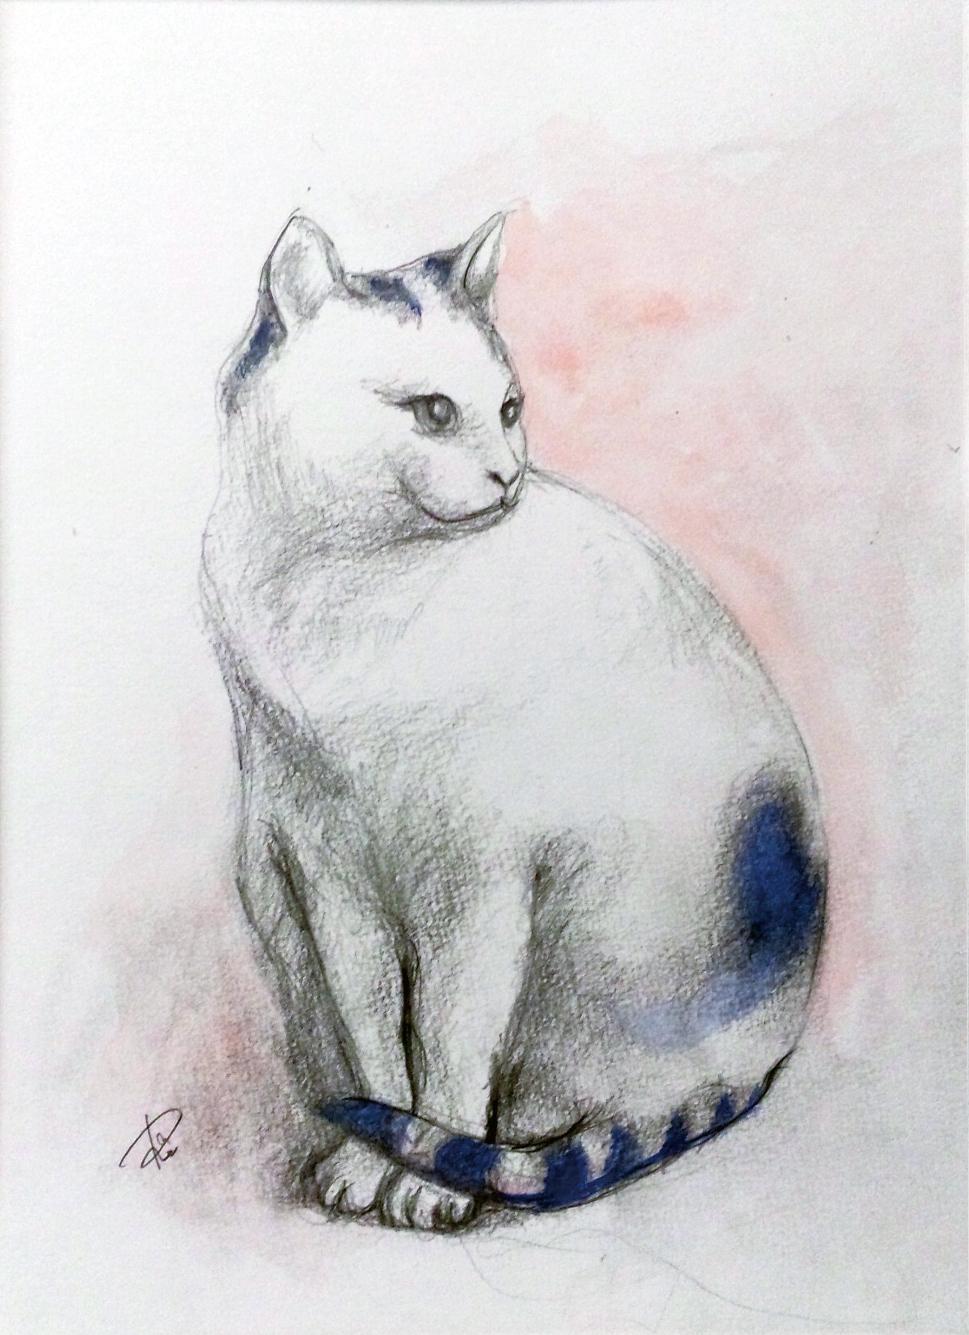 15ハートの猫